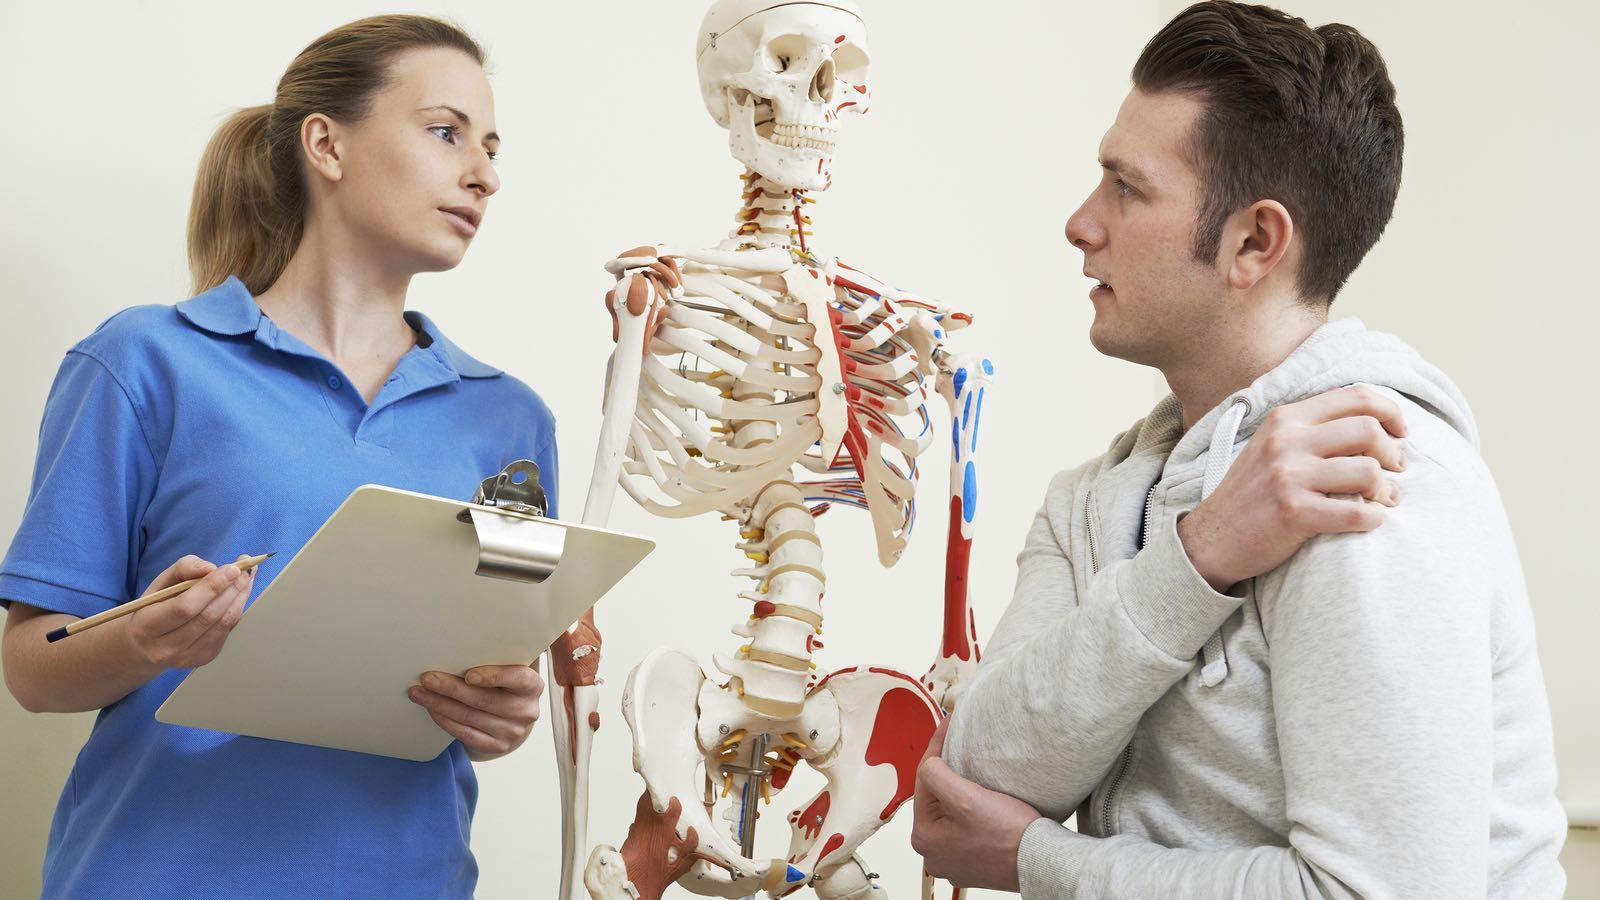 Shoulder Assessment : Learn skills to make an effective assessment of the shoulder